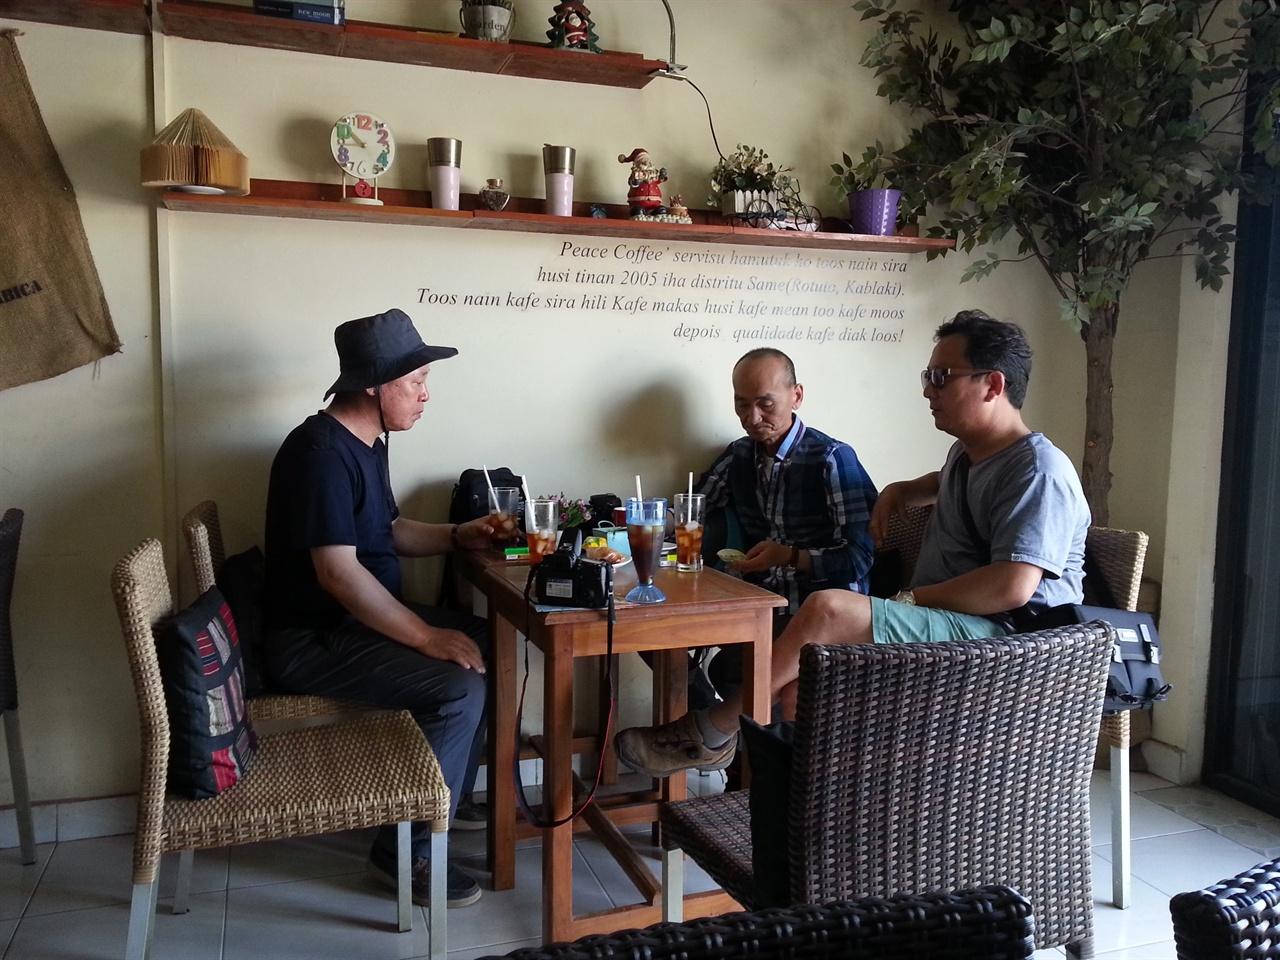 피스커피 카페 우리 일행도 딜리 피스커피 카페를 찾아 시원한 커피를 마시고 있다